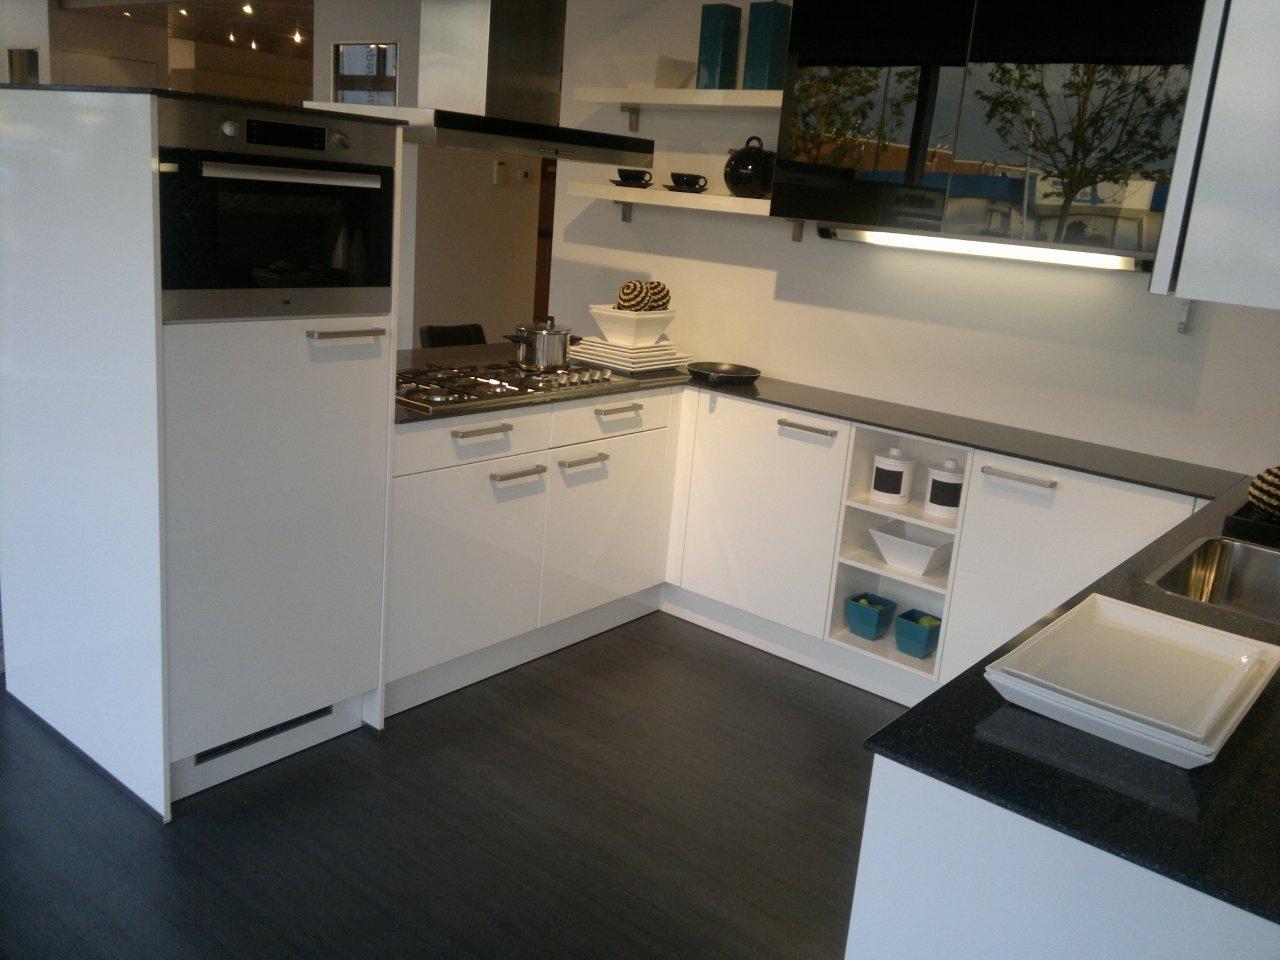 Moderne Hoogglans Keuken : Showroomkeukens alle showroomkeuken aanbiedingen uit nederland